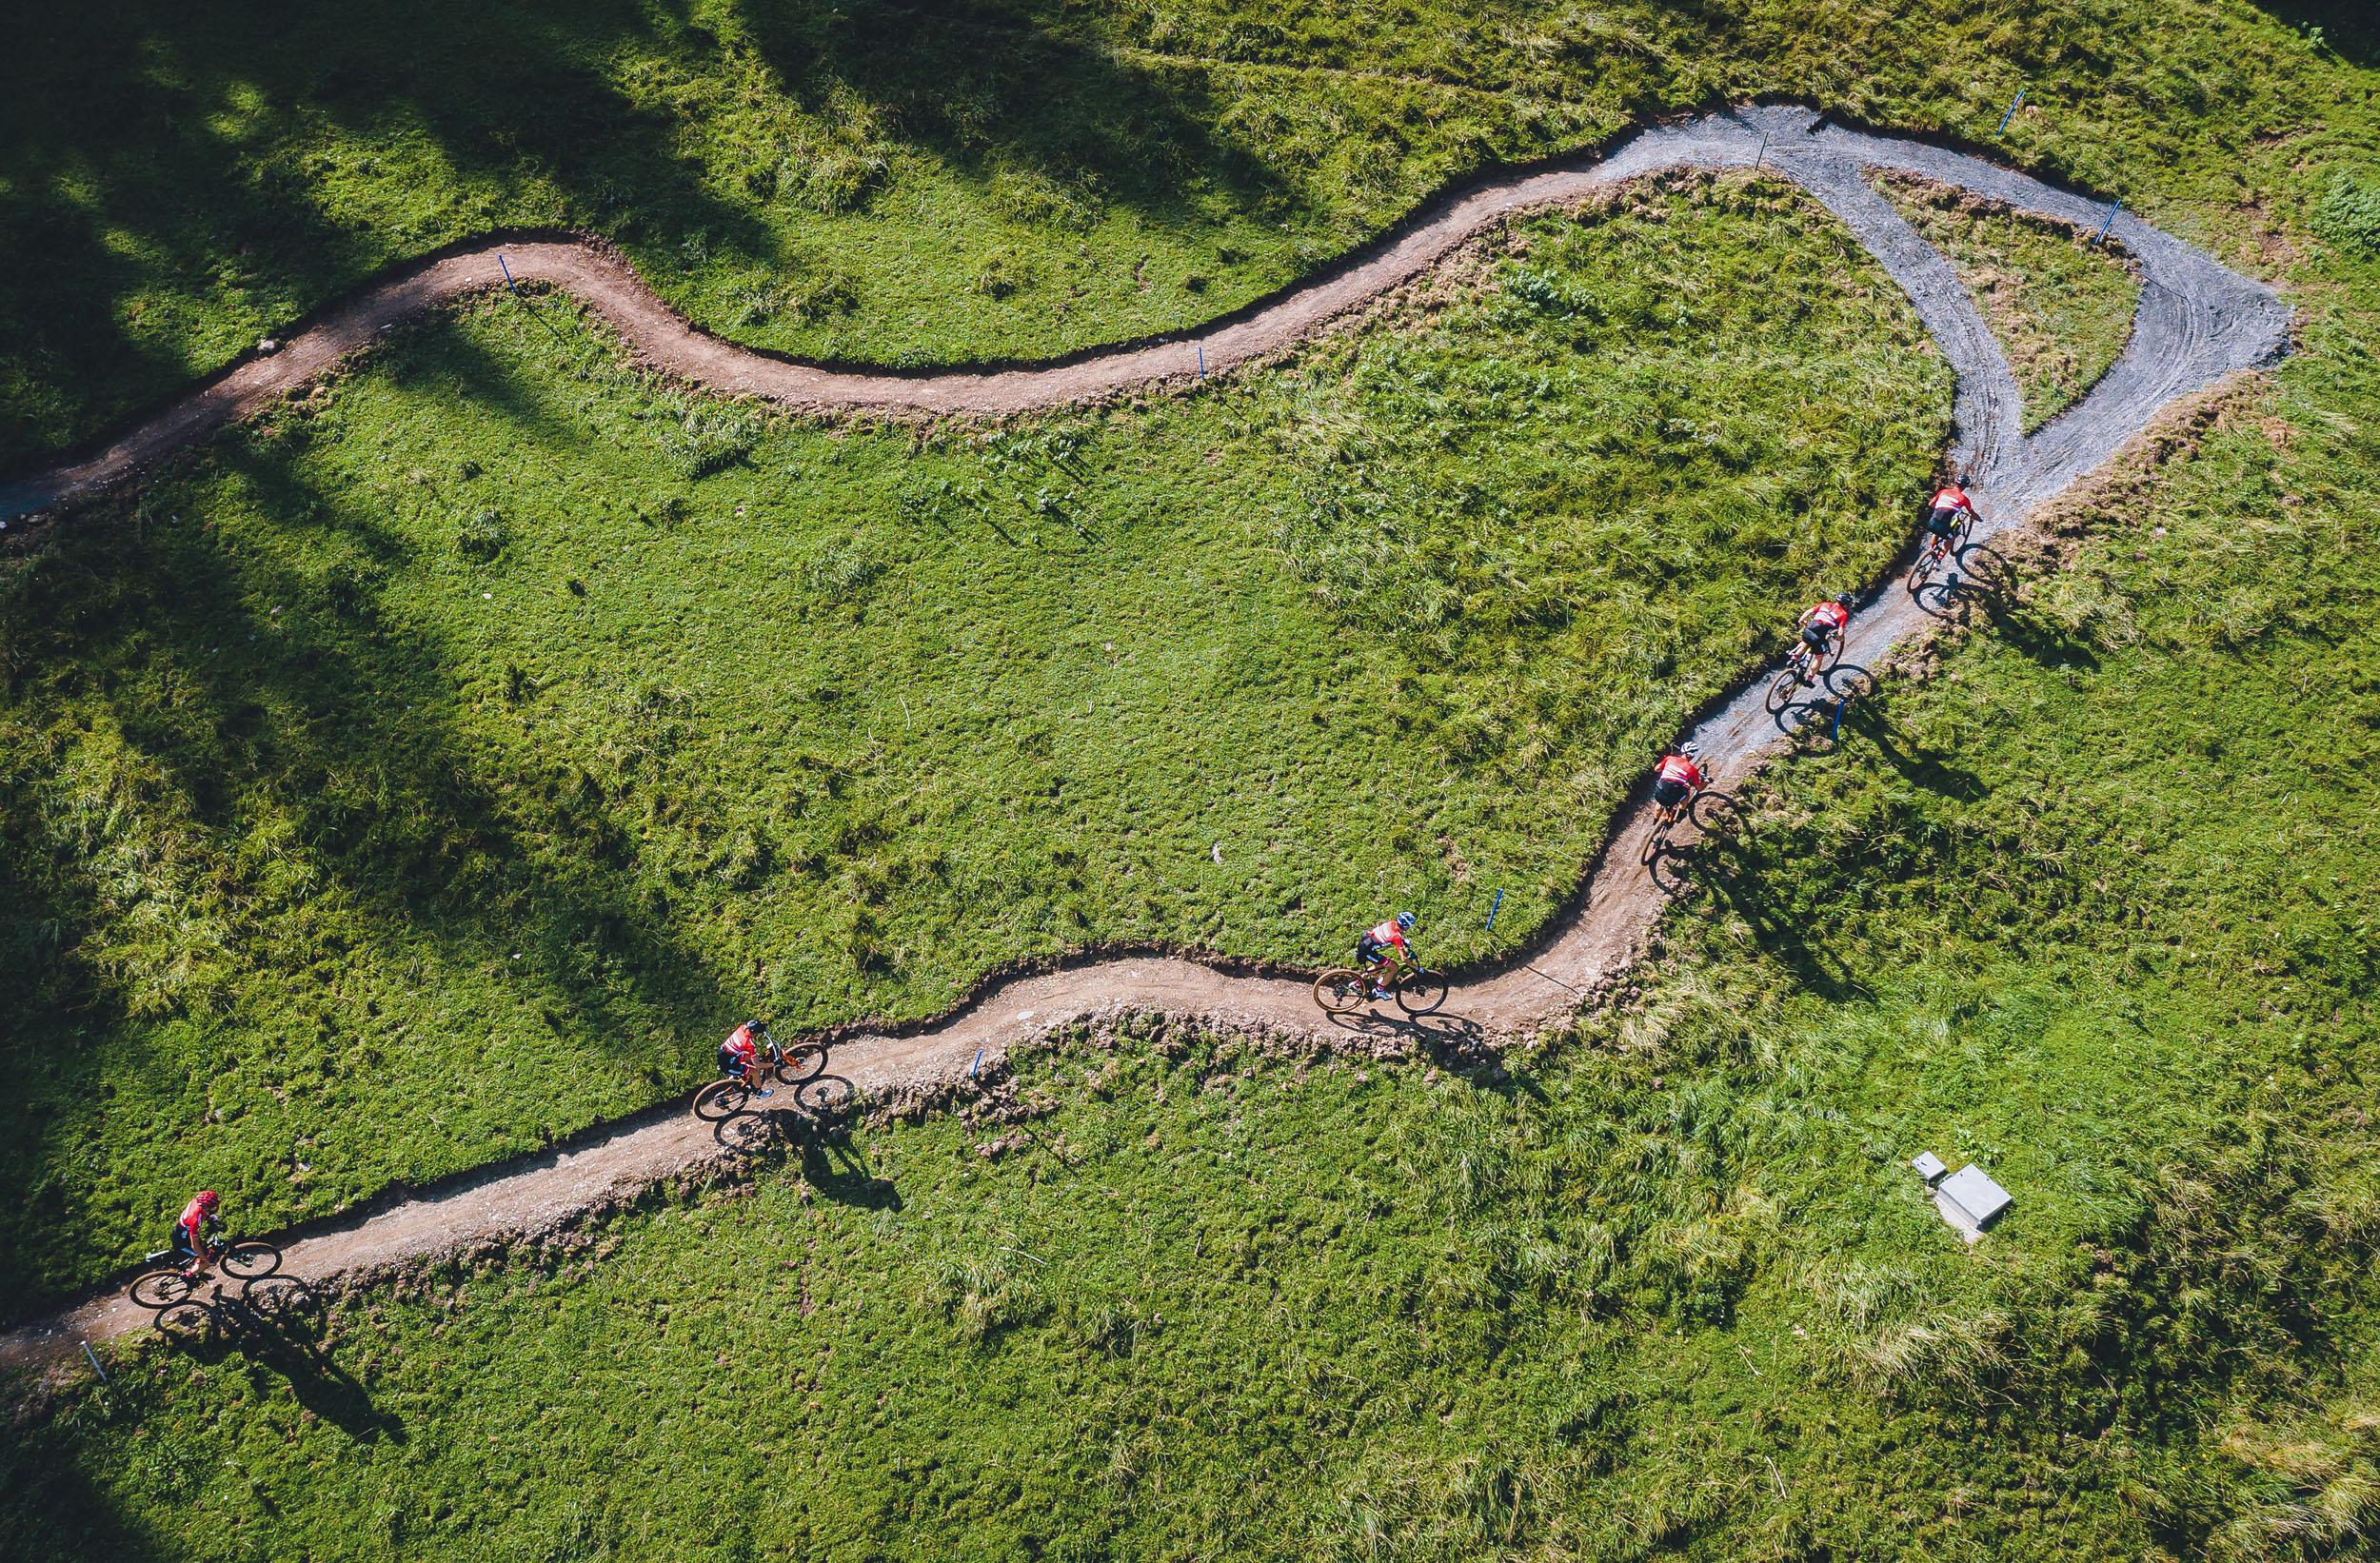 Heimvorteil: Der neugebaute Cross Country-Kurs für die UCI 2020 Mountainbike WM in Saalfelden Leogang wurde von den heimischen Athleten bereits ausgiebig besichtigt.